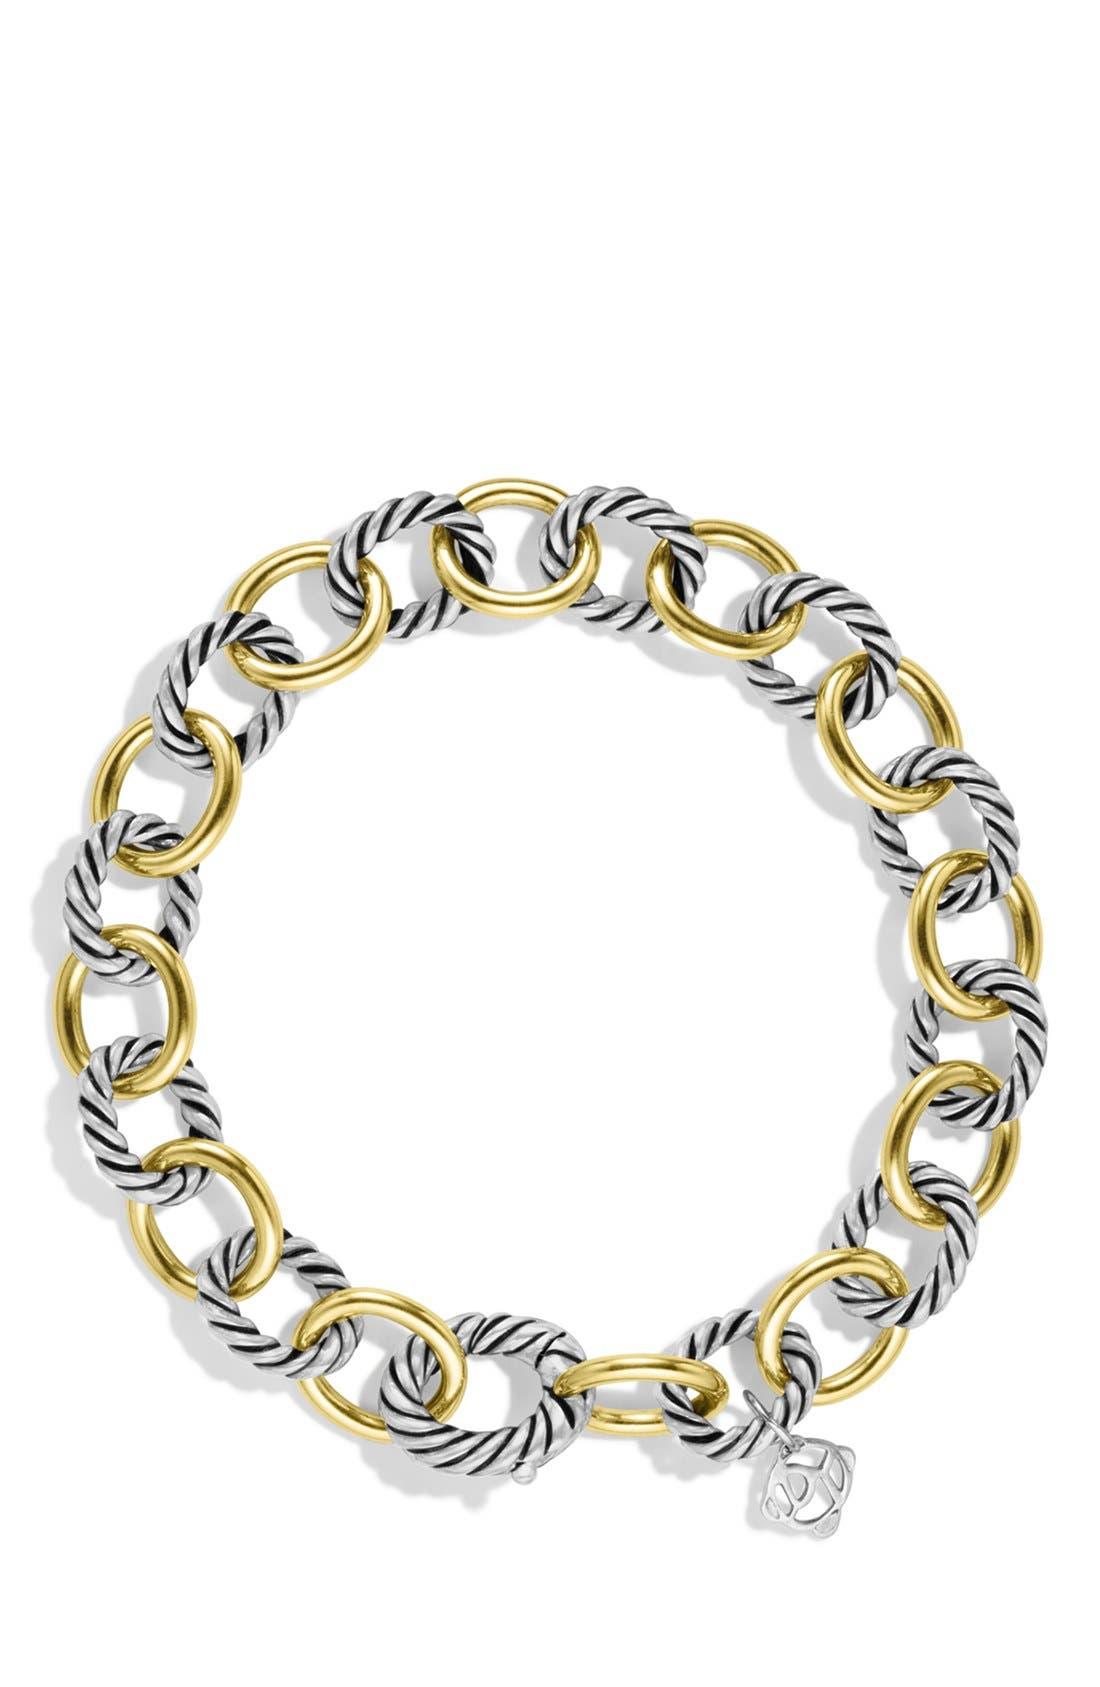 Alternate Image 2  - David Yurman 'Oval' Link Bracelet with Gold